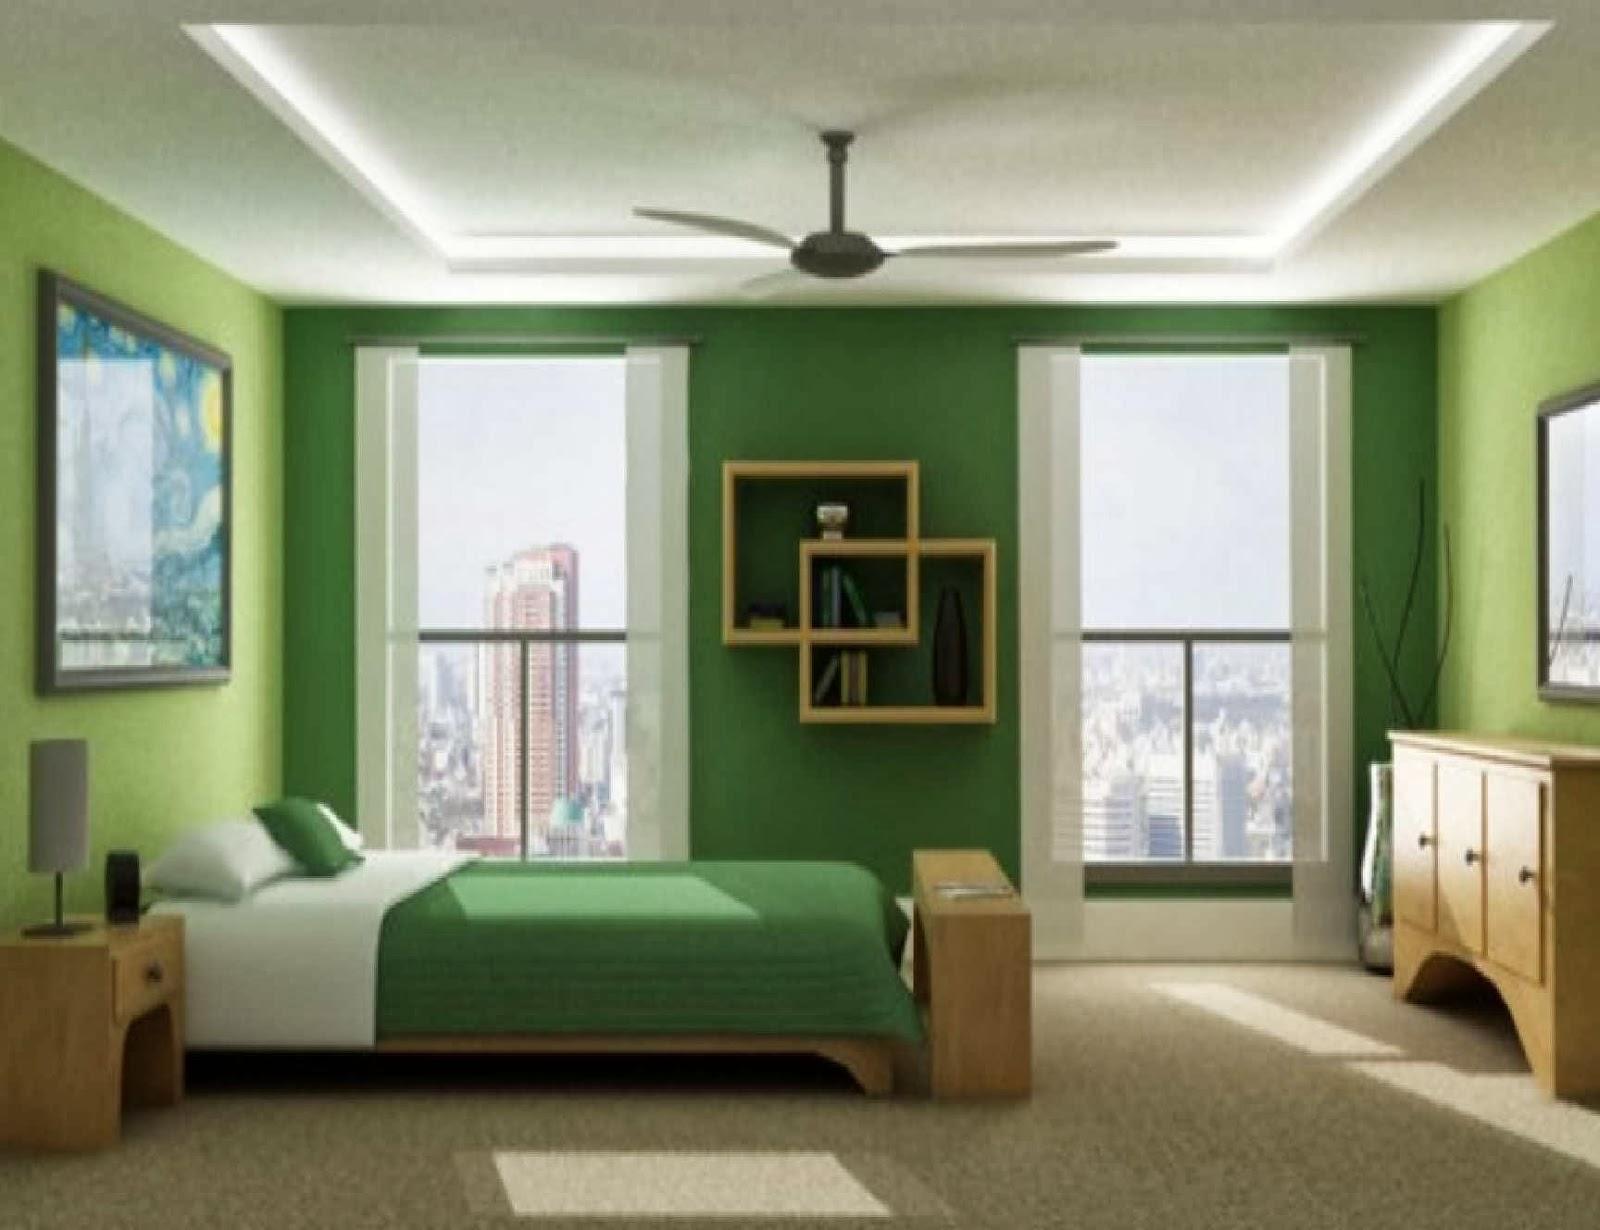 80 Desain Kamar Tidur Sederhana Dengan Konsep Minimalis Dan Modern